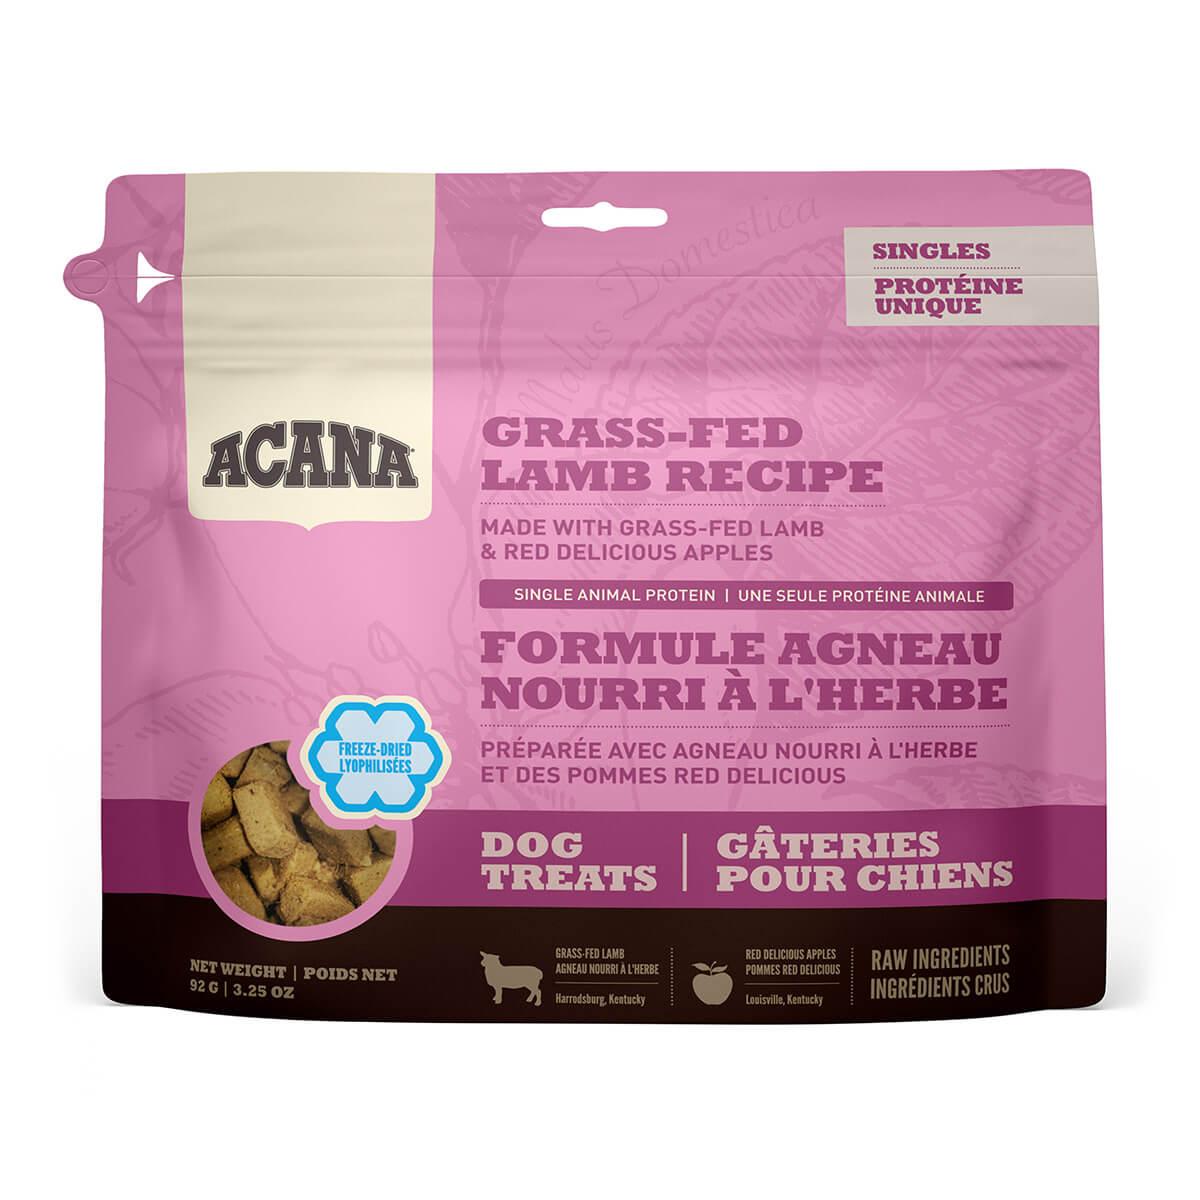 92g Acana Singles Dog Treats - Lamb